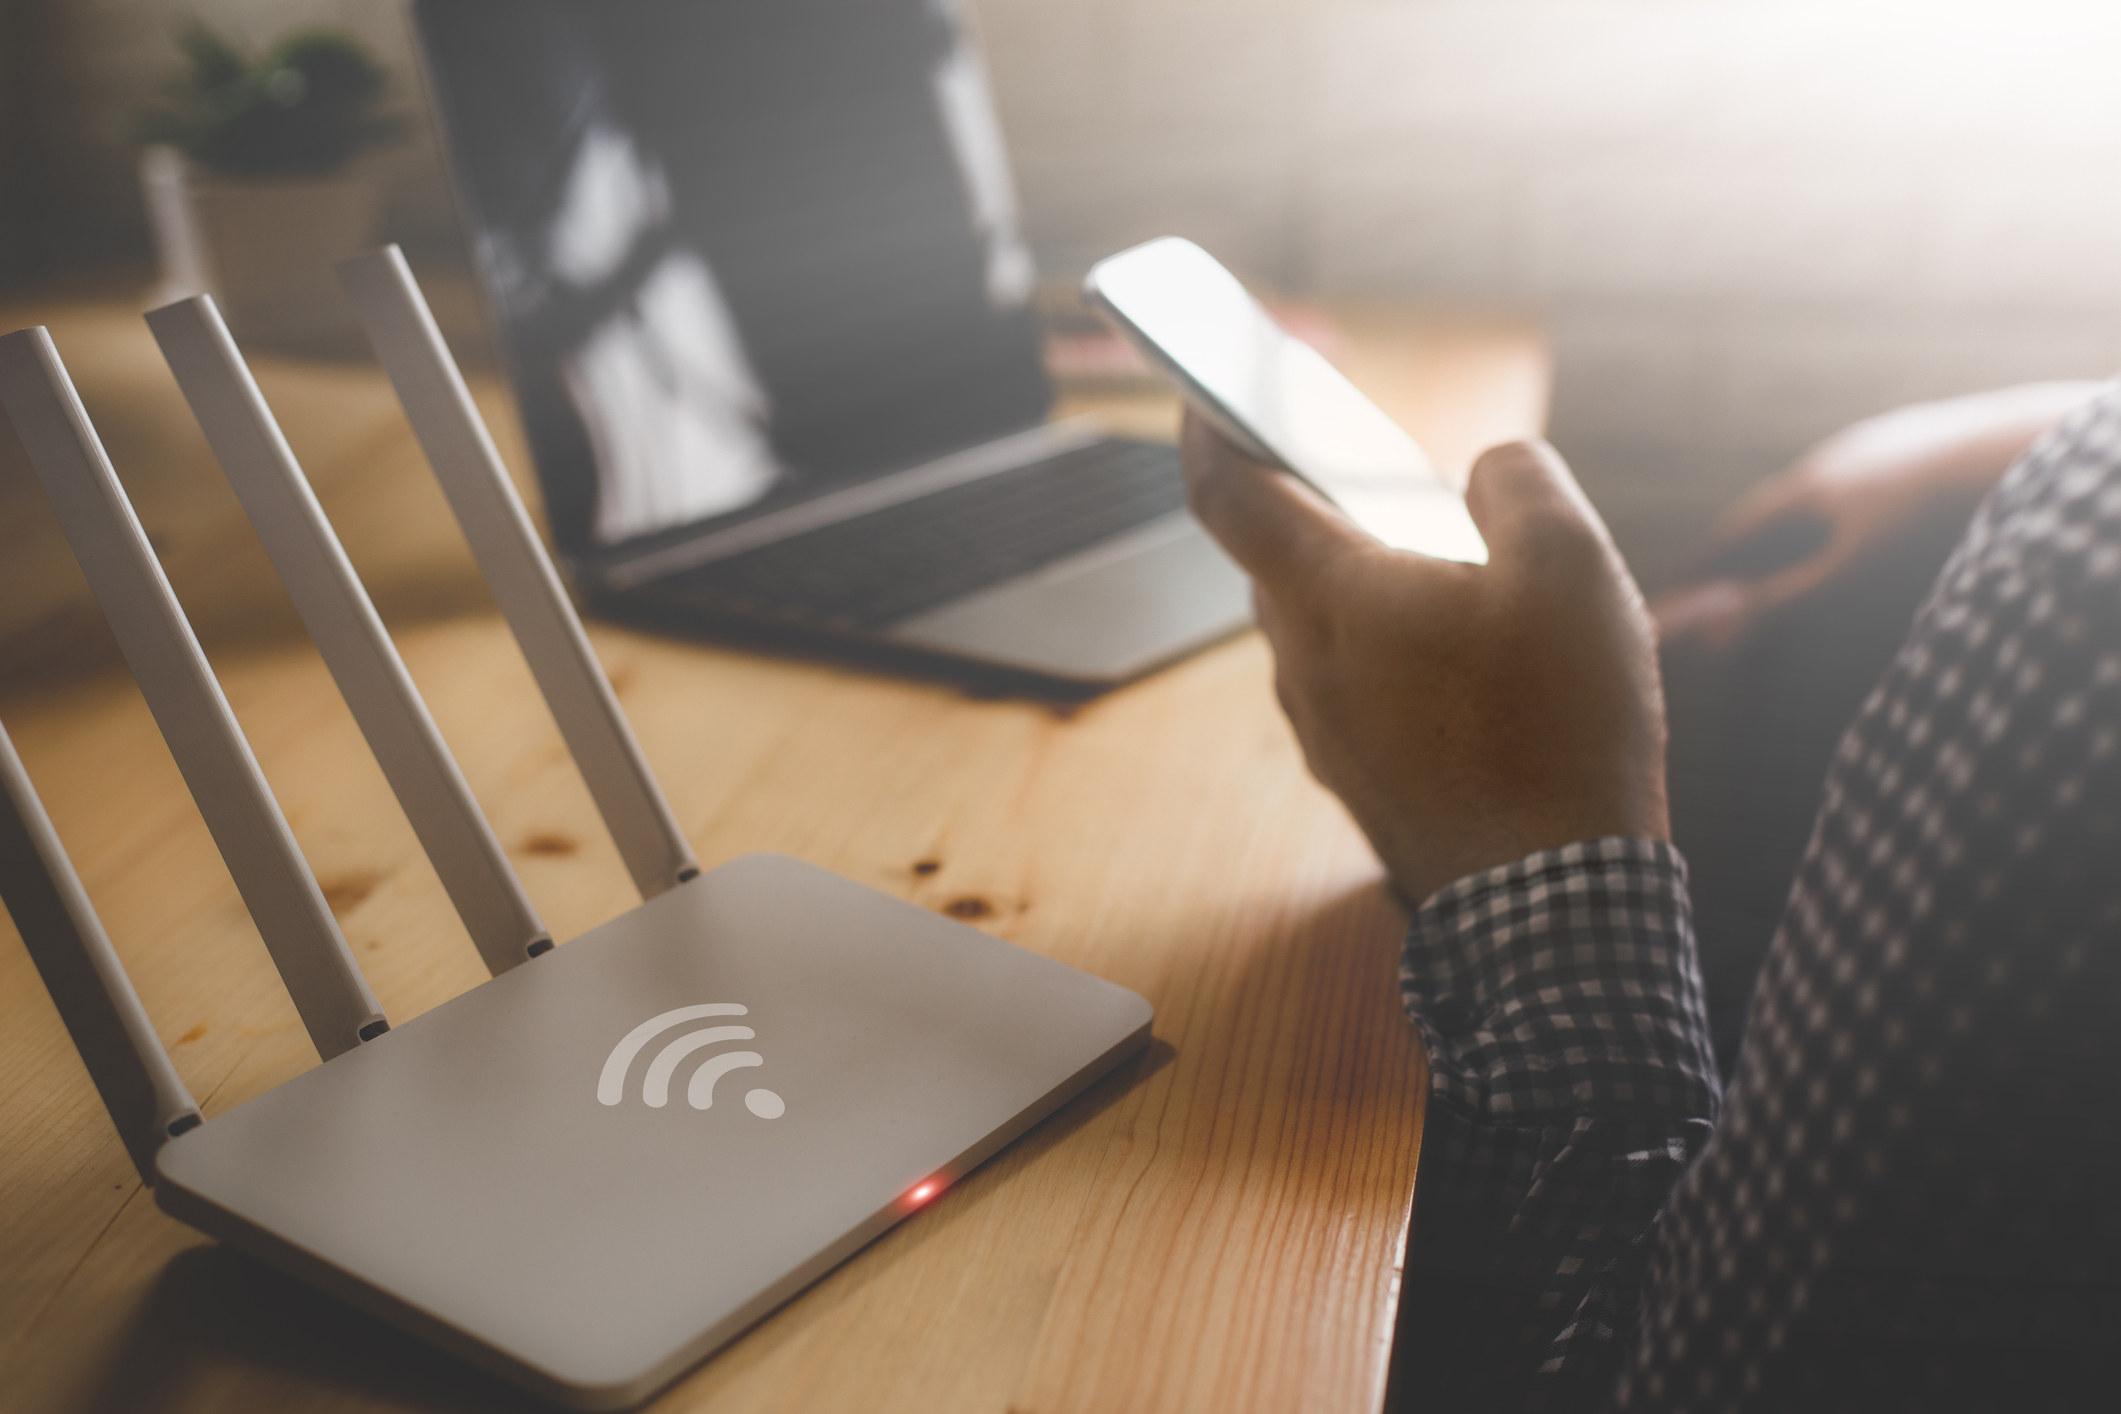 Cómo recuperar una contraseña de acceso a un router WiFi olvidada